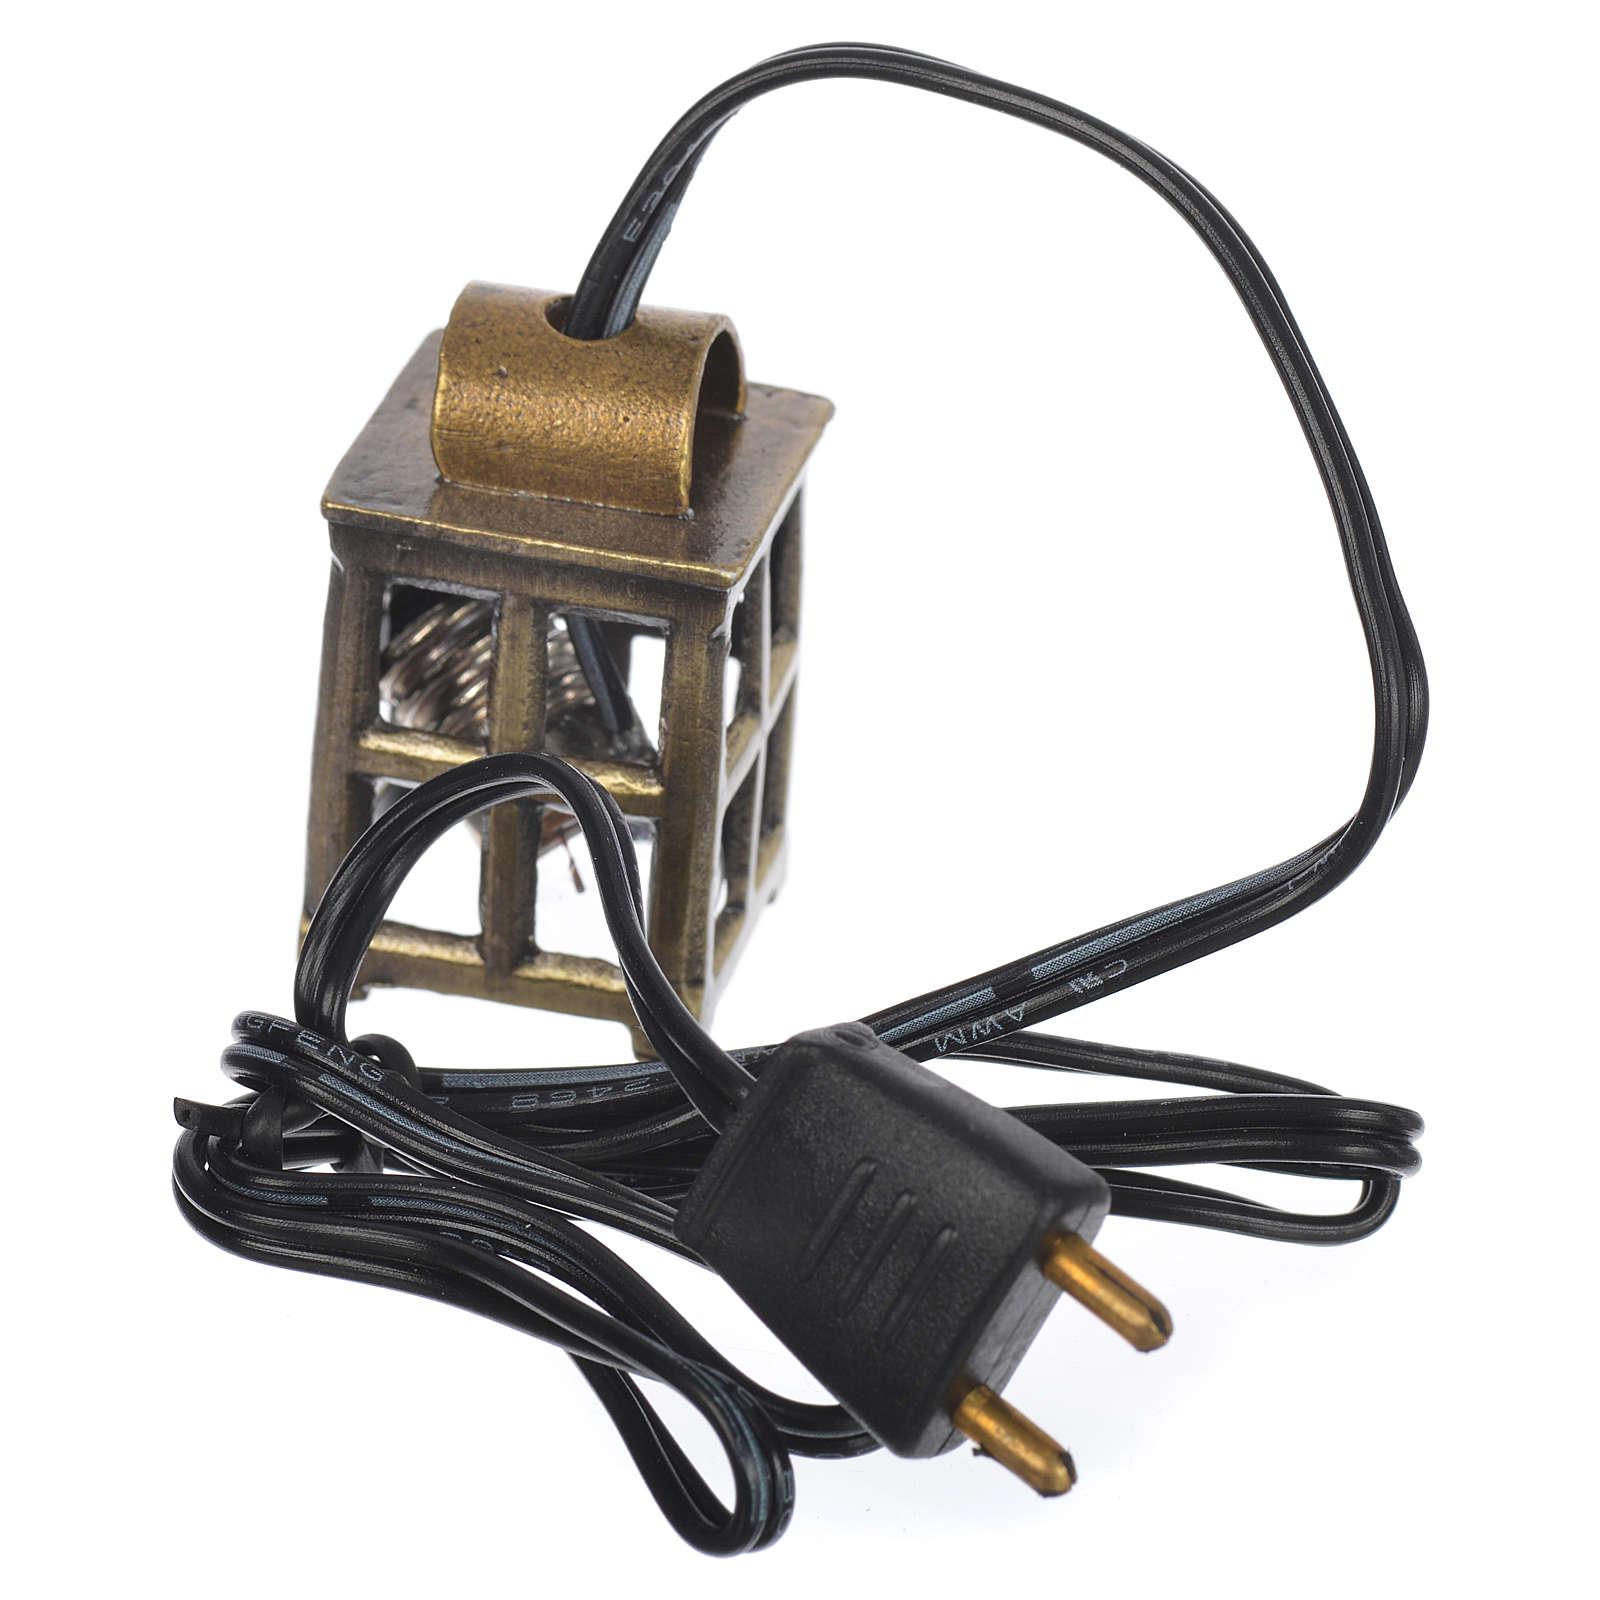 Lampione metallo presepe cm 2,1x2,1x3,4 con luce 3,5v 4